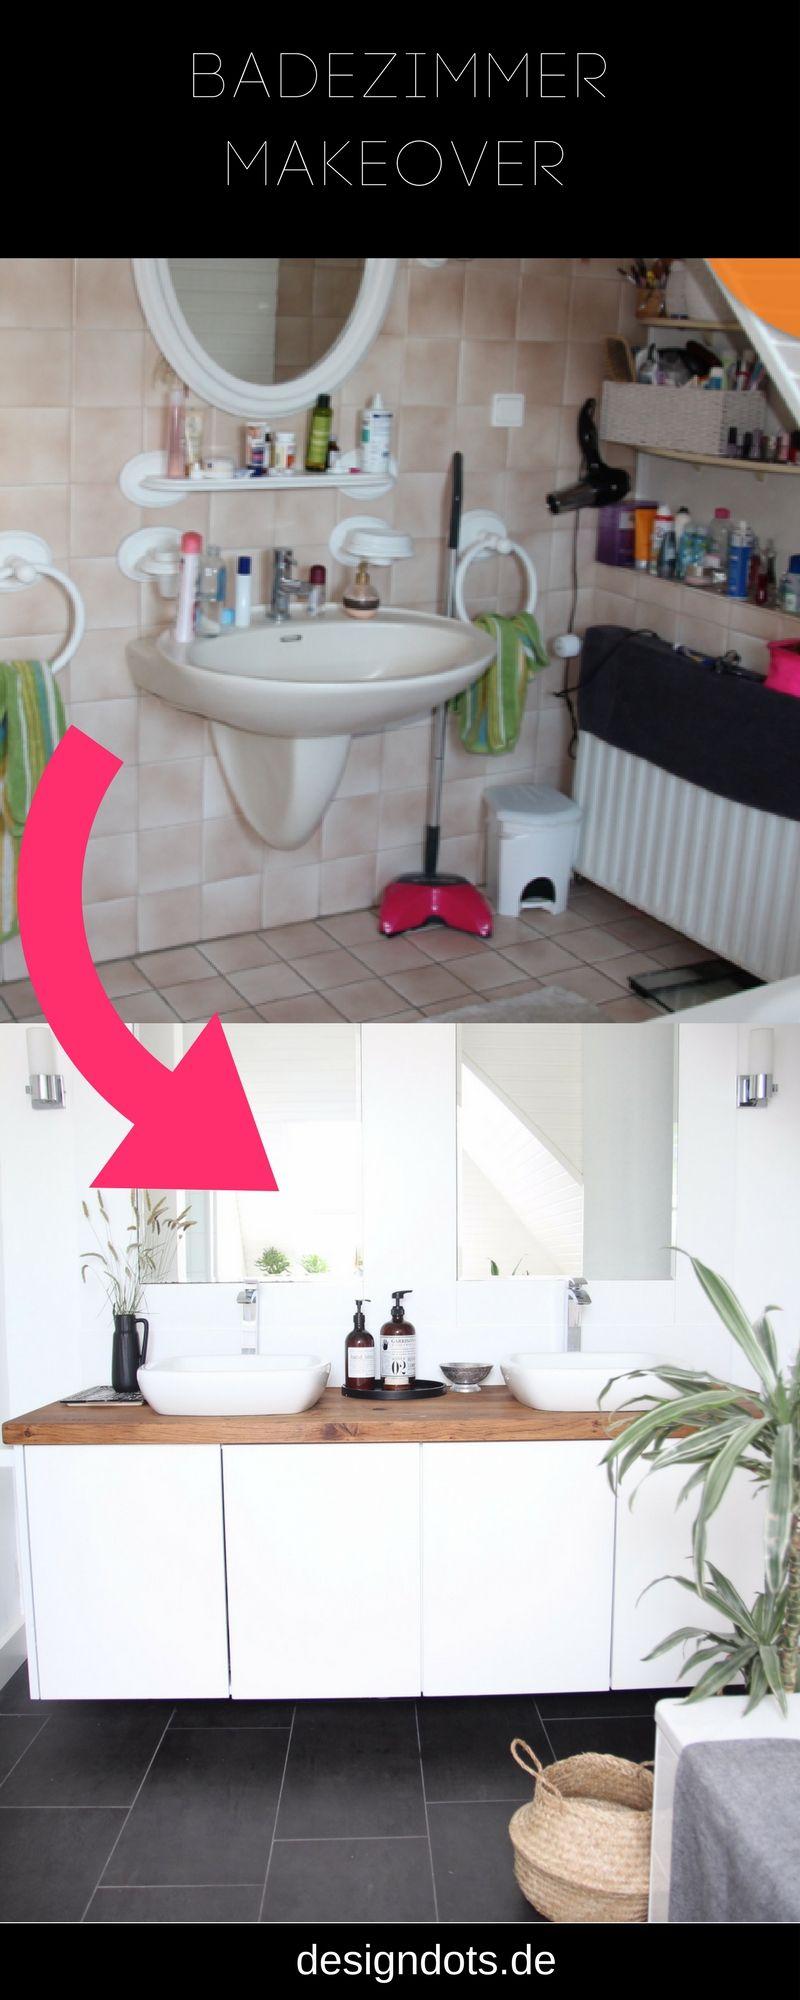 Badezimmer dekor grau badezimmer selbst renovieren vorhernachher  pinterest  bath